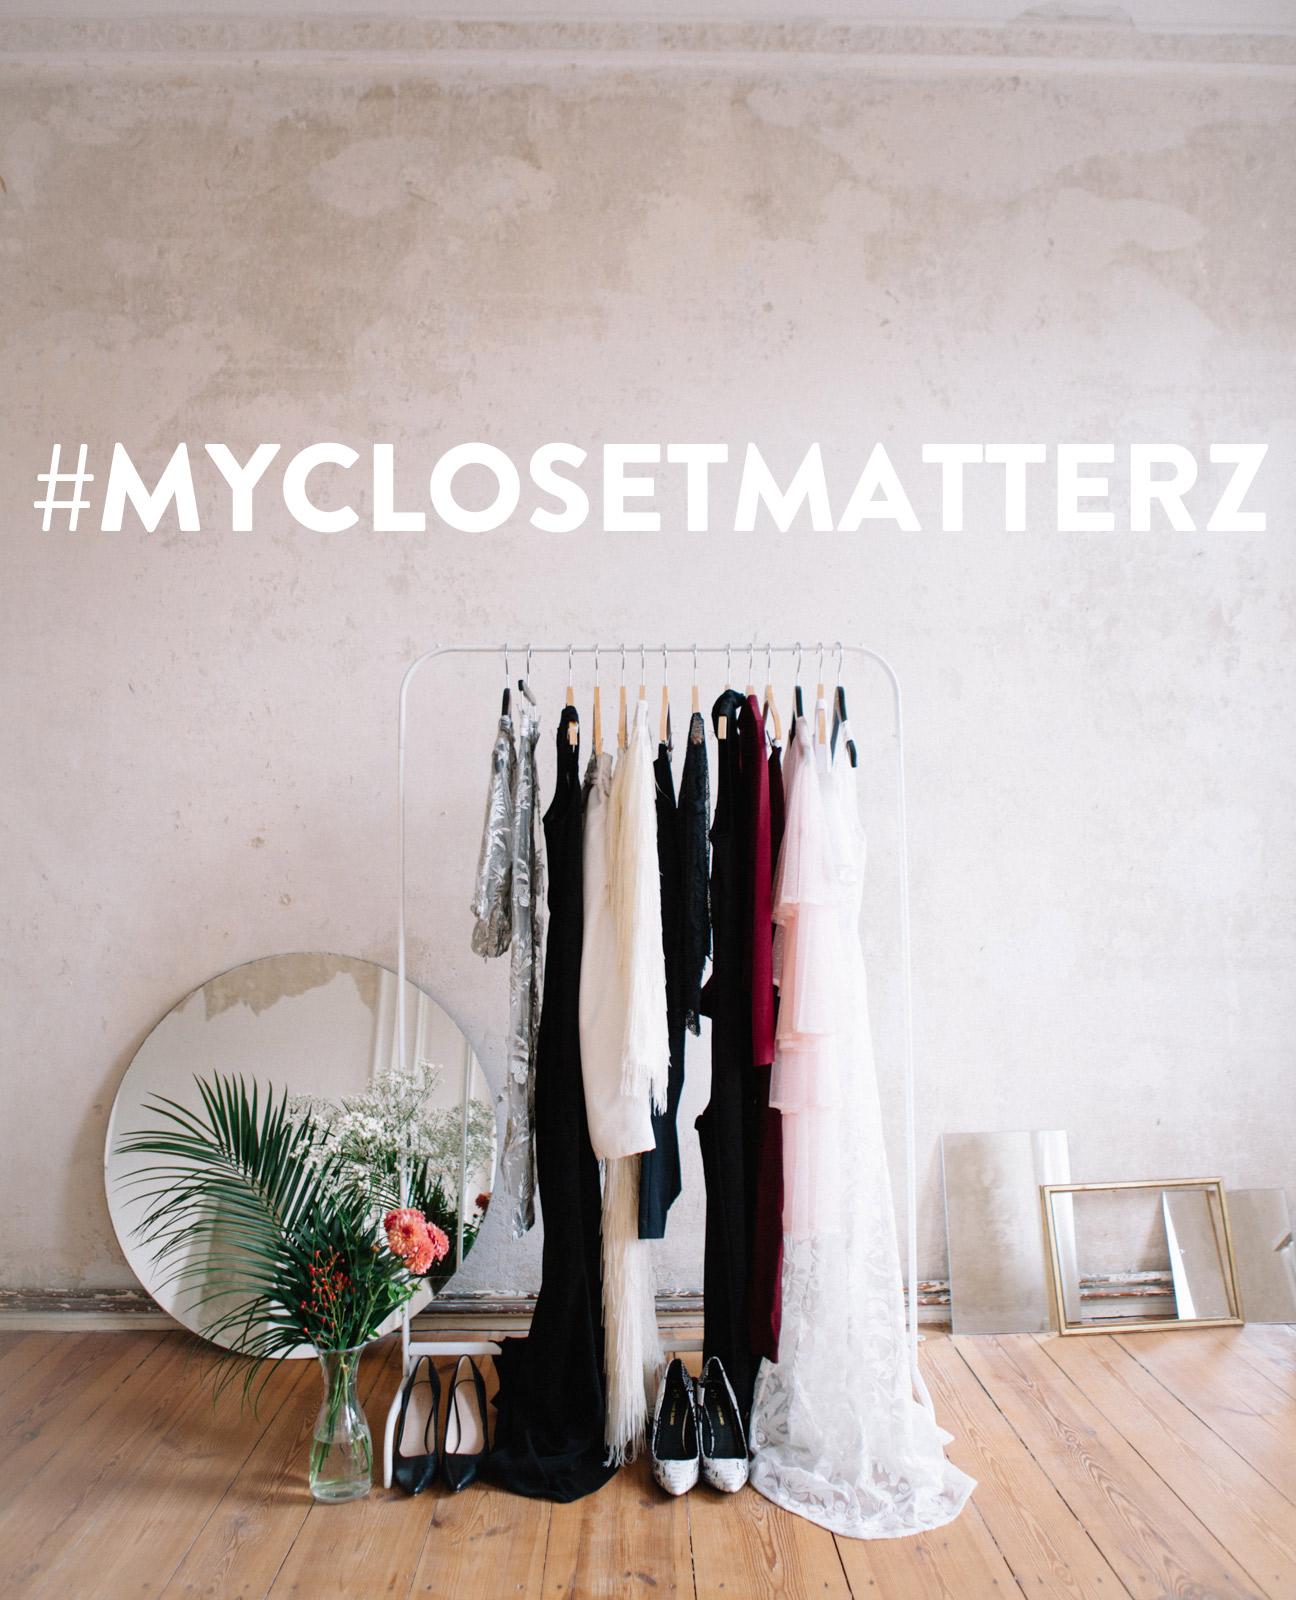 fashion-campaign-myclosetmatterz.jpg